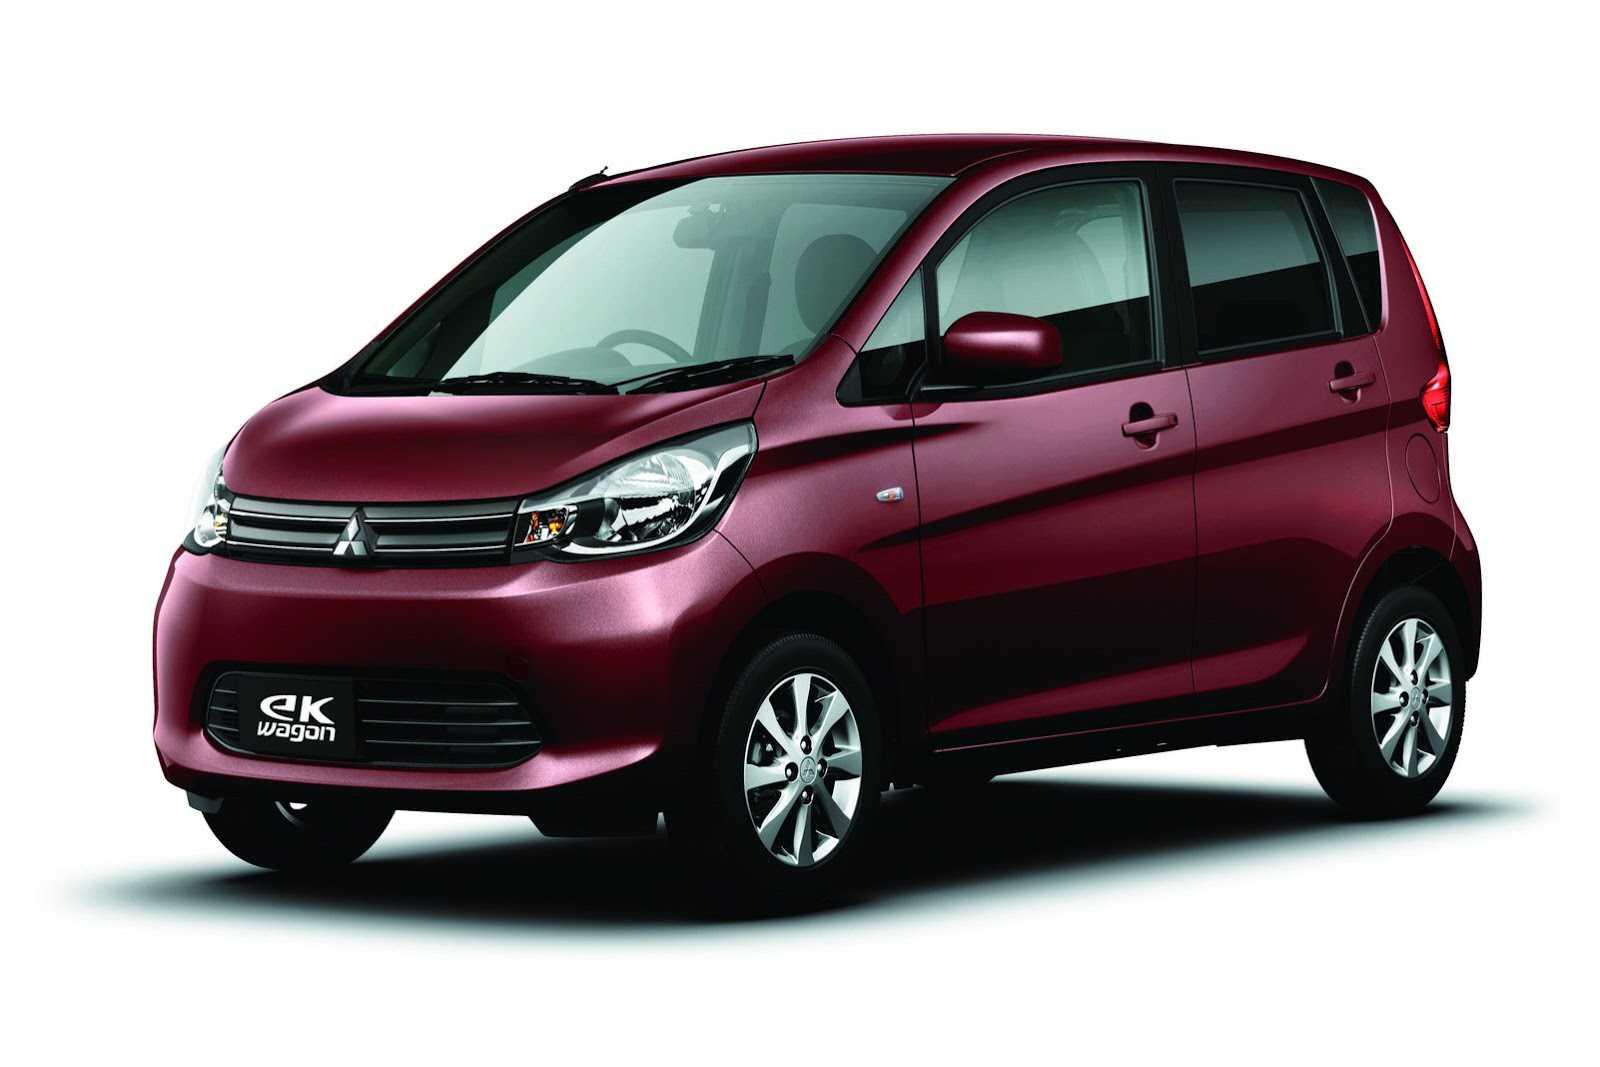 בכירי מיצובישי מודים שזייפו את נתוני זיהום האוויר בכ-6500 אלף כלי רכב. Mitsubishi ek wagon צילום: מיצובישי